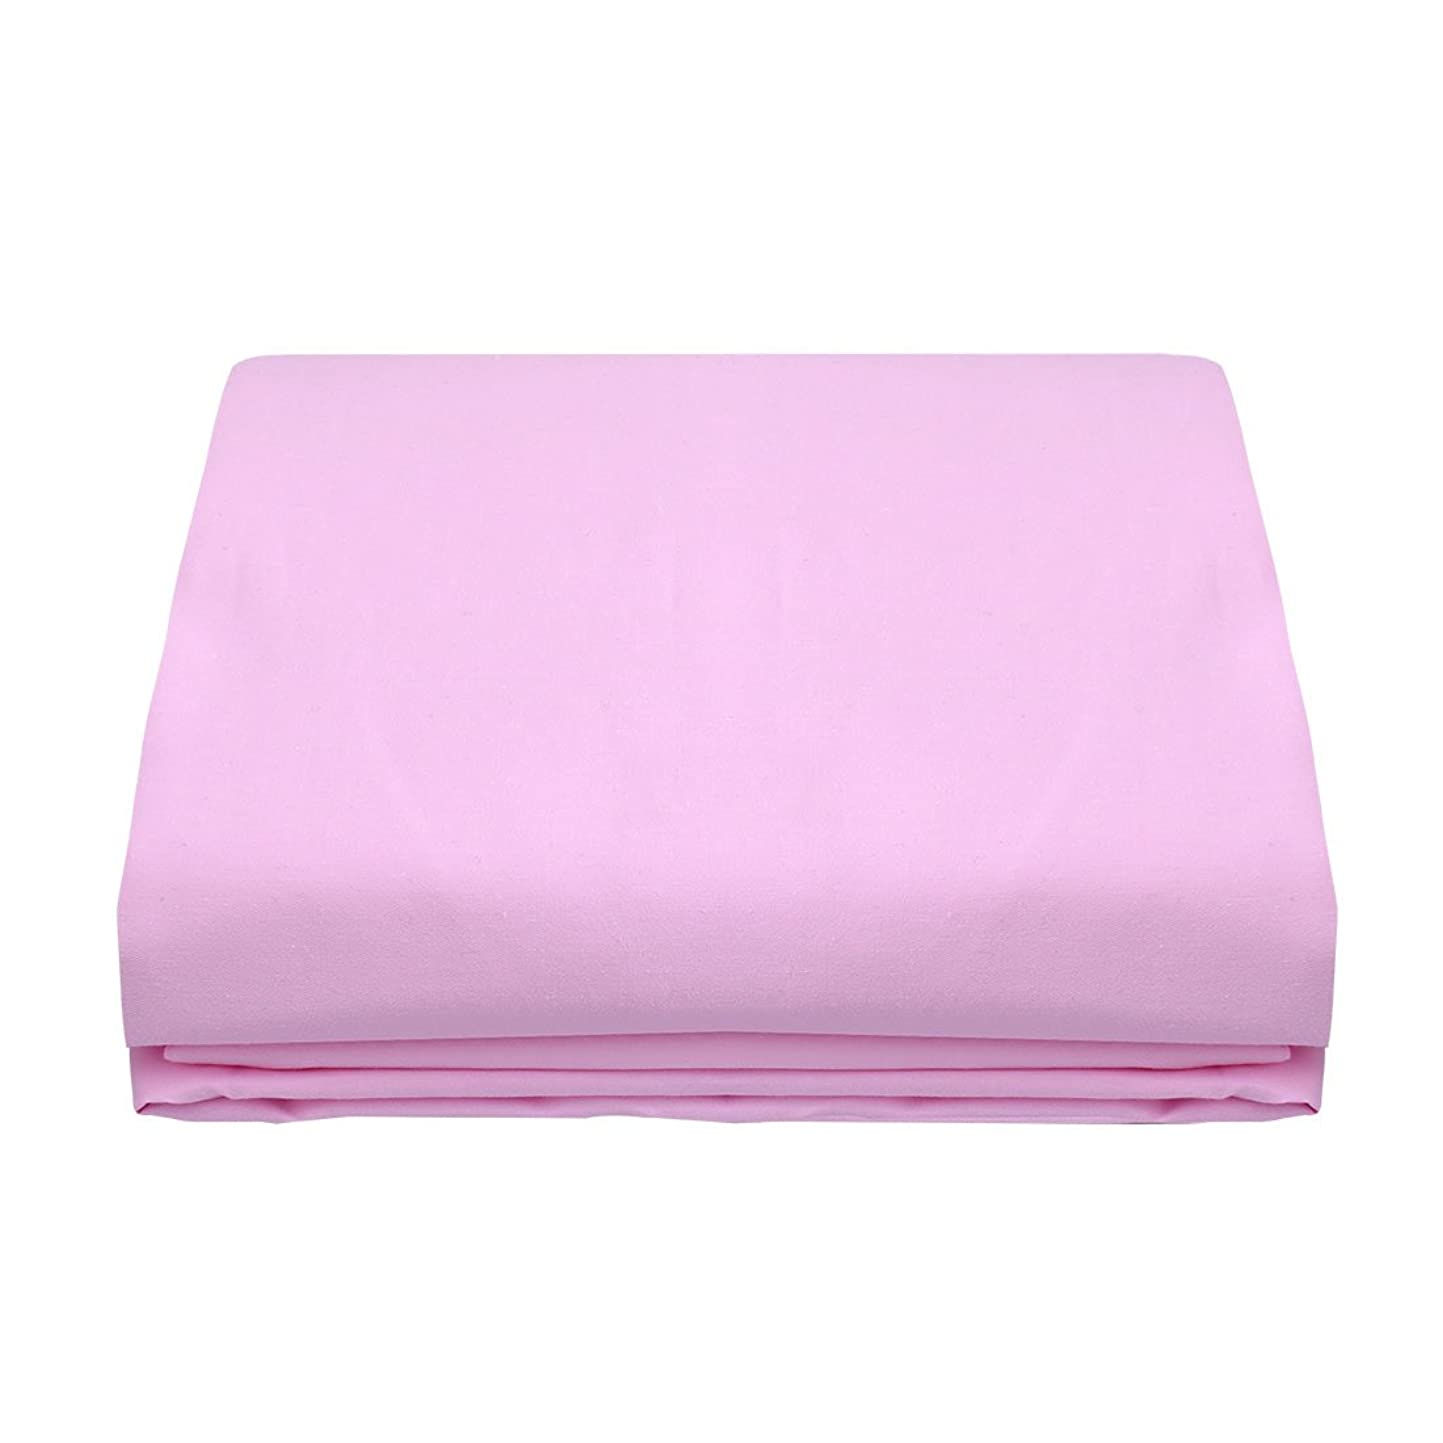 めまい放送マークダウンuxcell フラットシーツ 敷きパッド ベッドシーツ 300スレッドカウント ベッドカバー エジプト綿 ツインサイズ 243x167cm ピンク